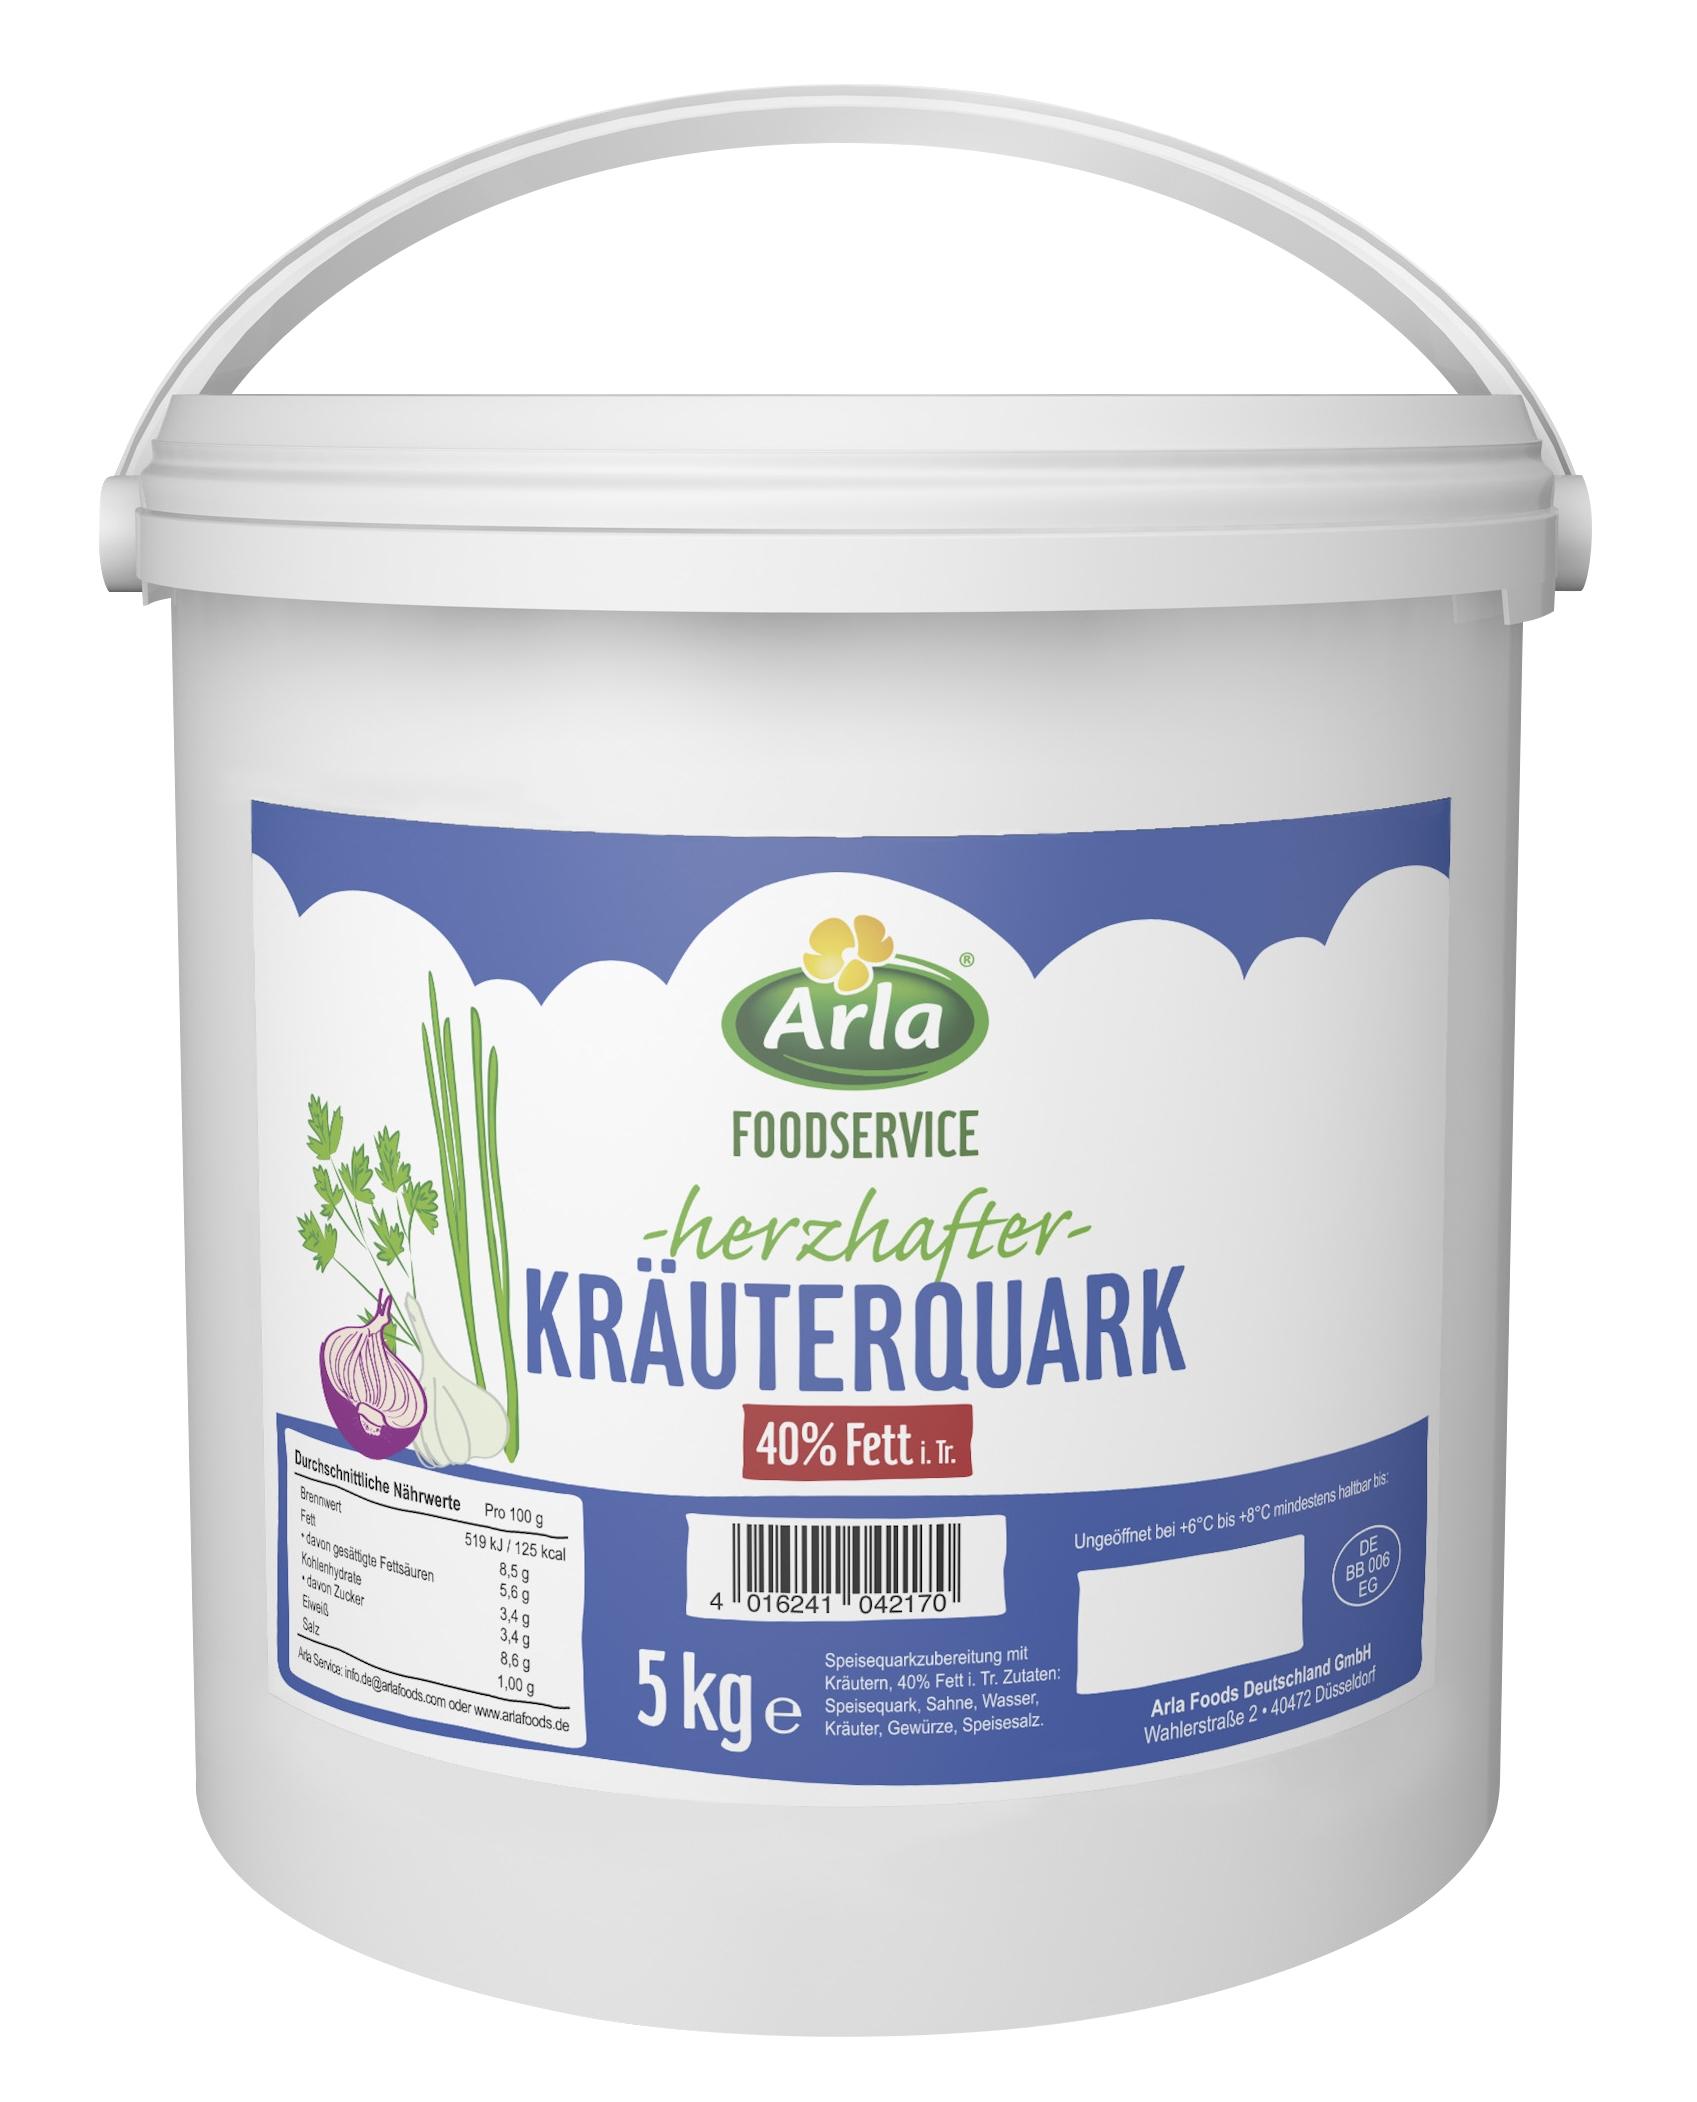 Arla Foodservice - Kräuterquark 2016